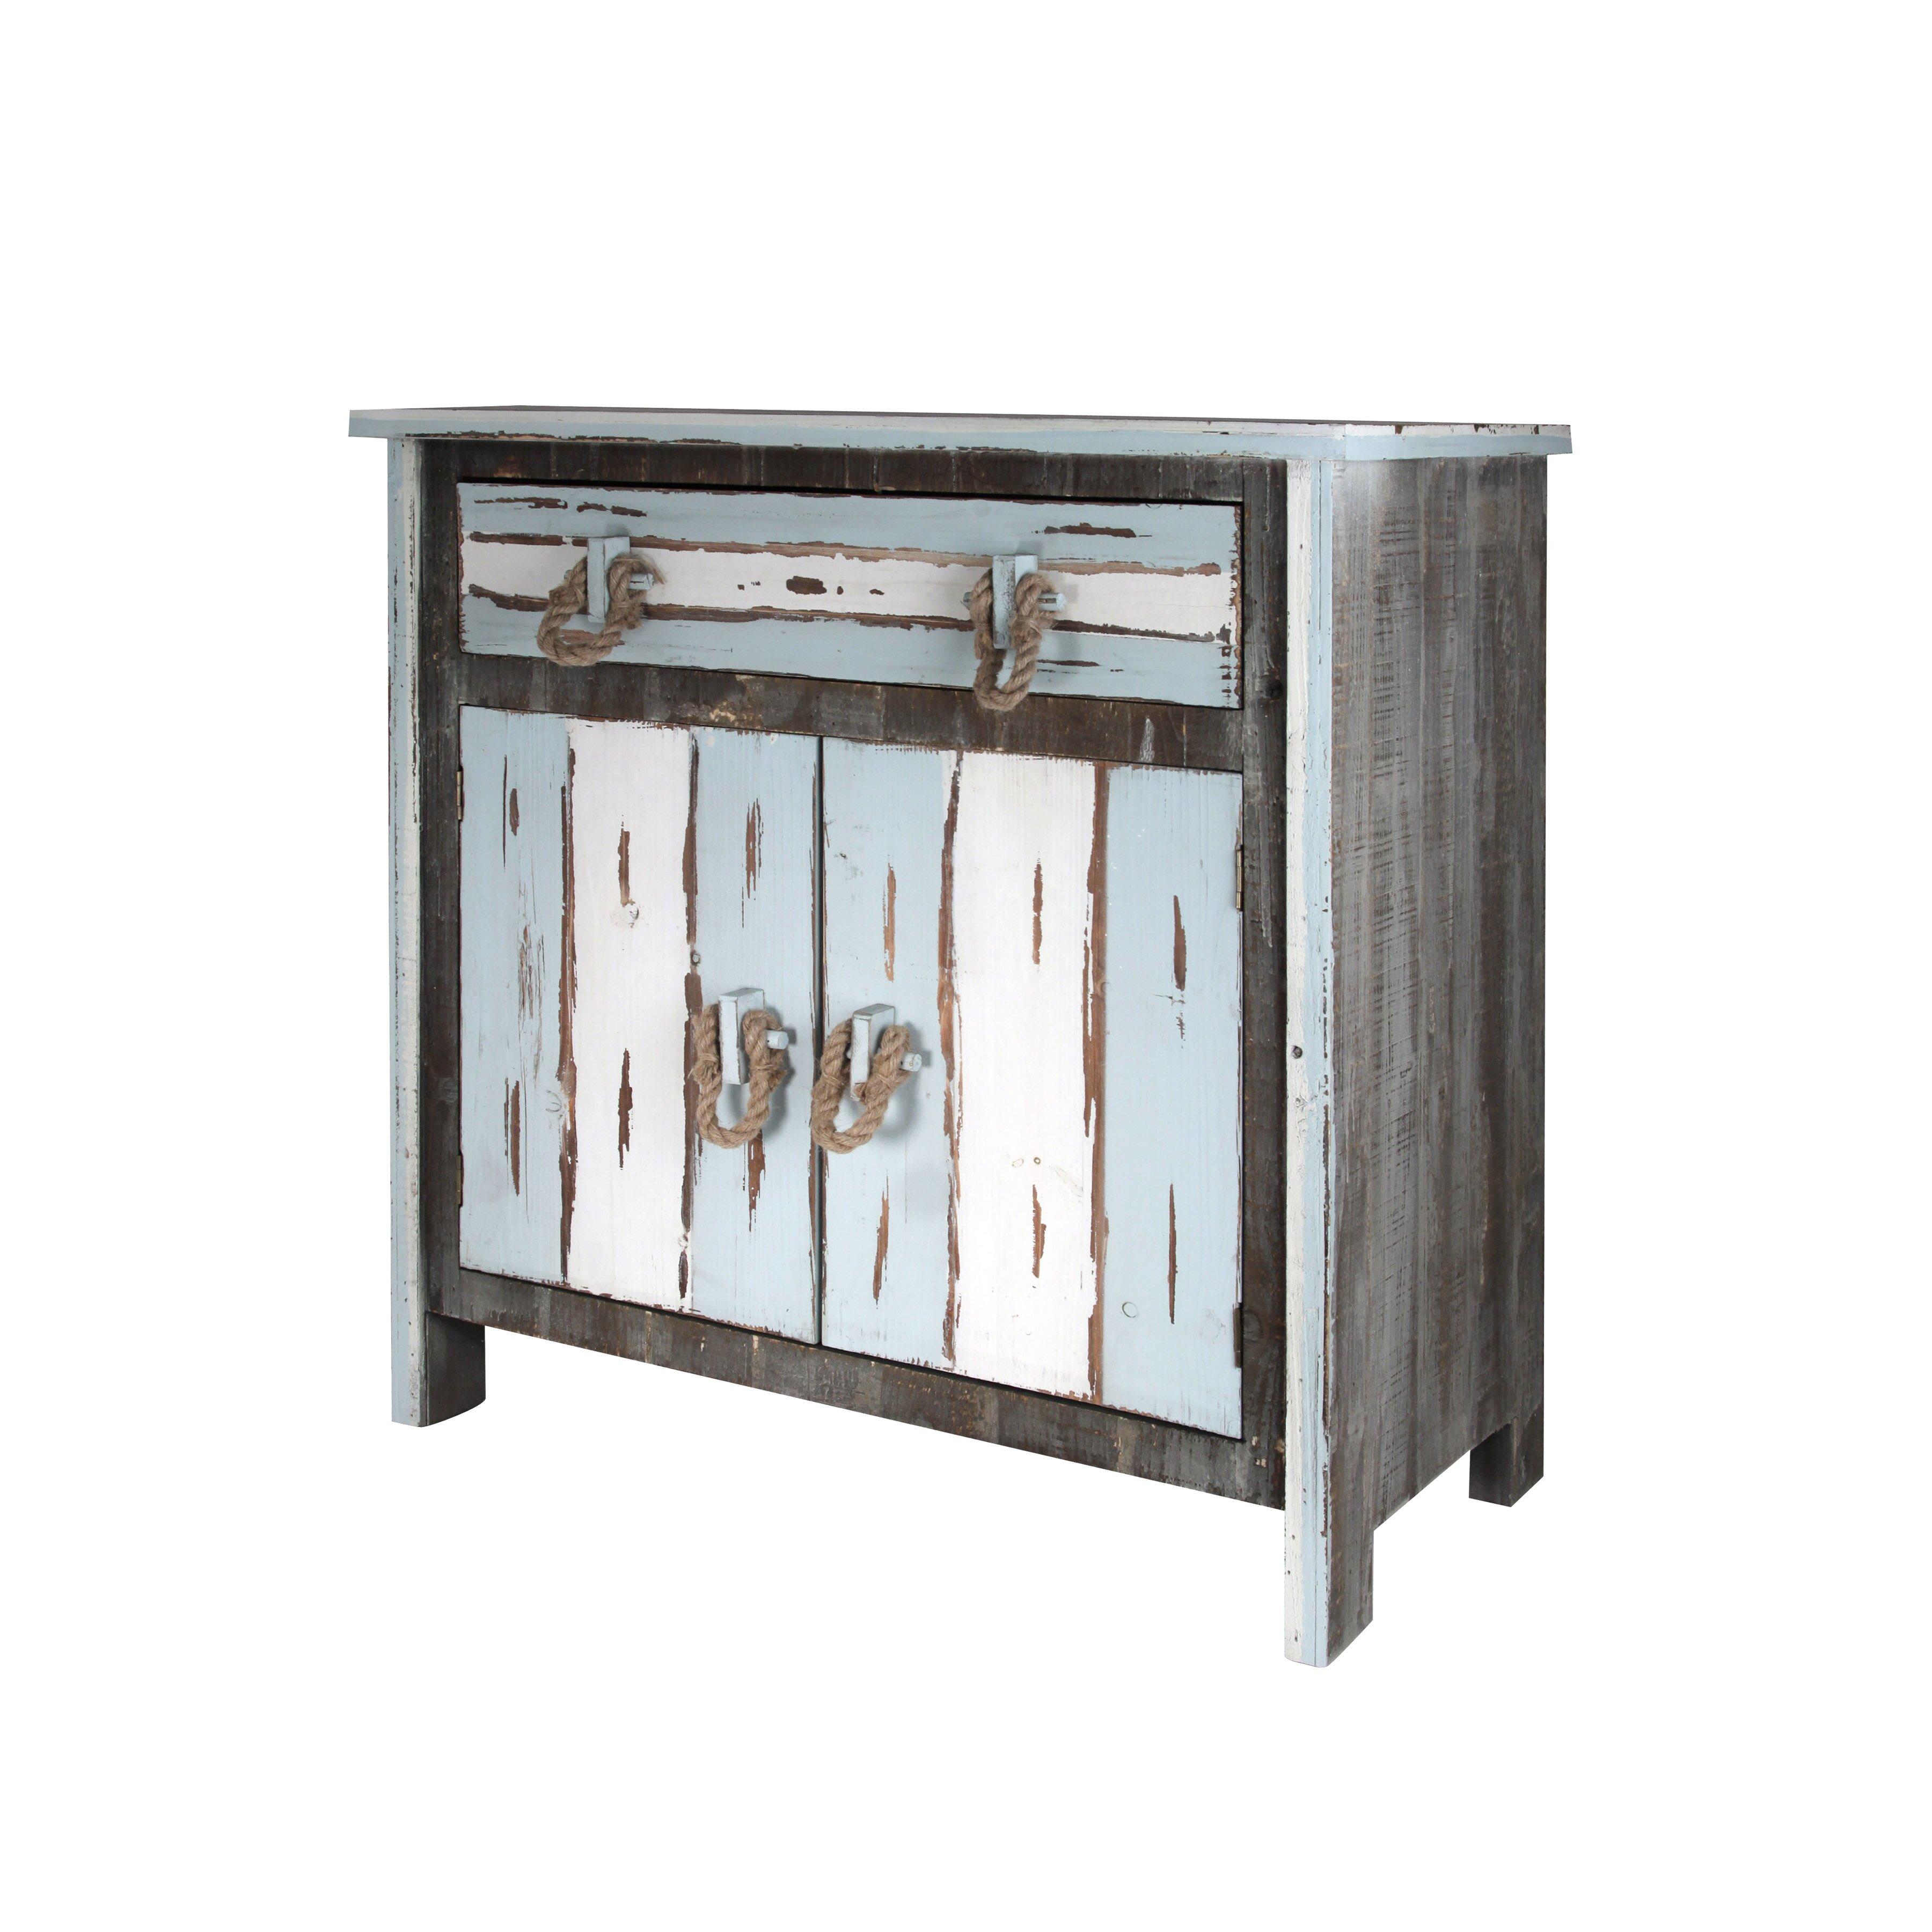 Style craft 2 door 1 drawer cabinet reviews wayfair for 1 drawer 2 door cabinet